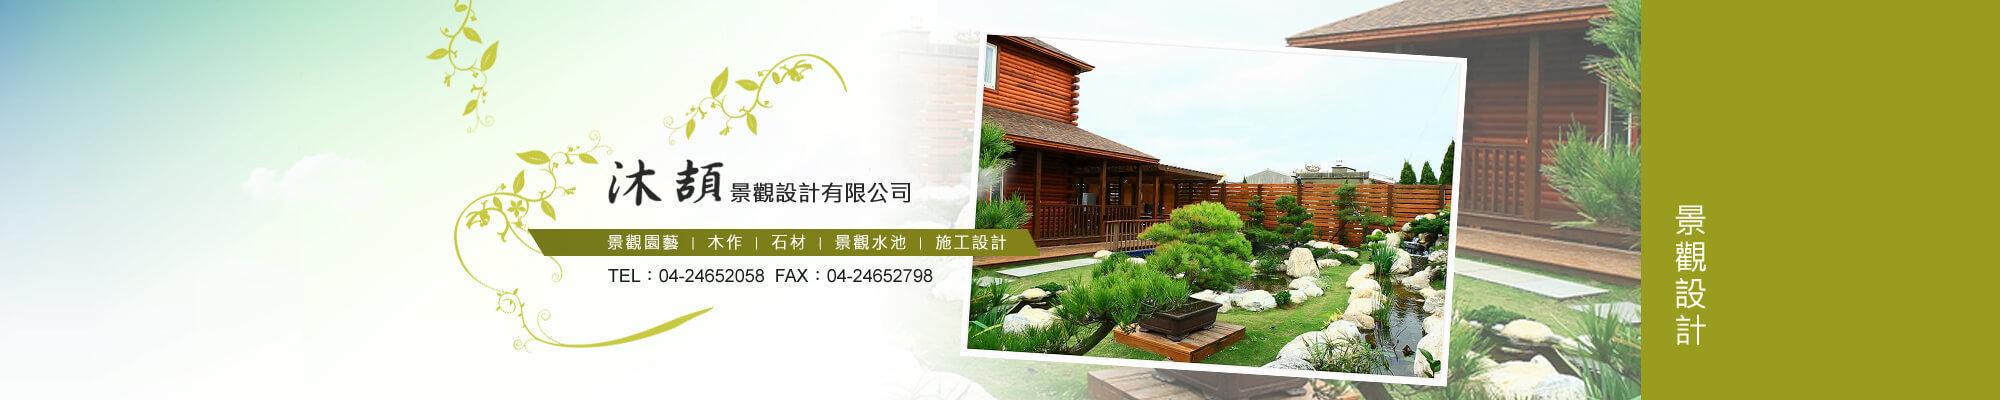 景觀設計,造景工程,台中庭園造景, 台中建設公司